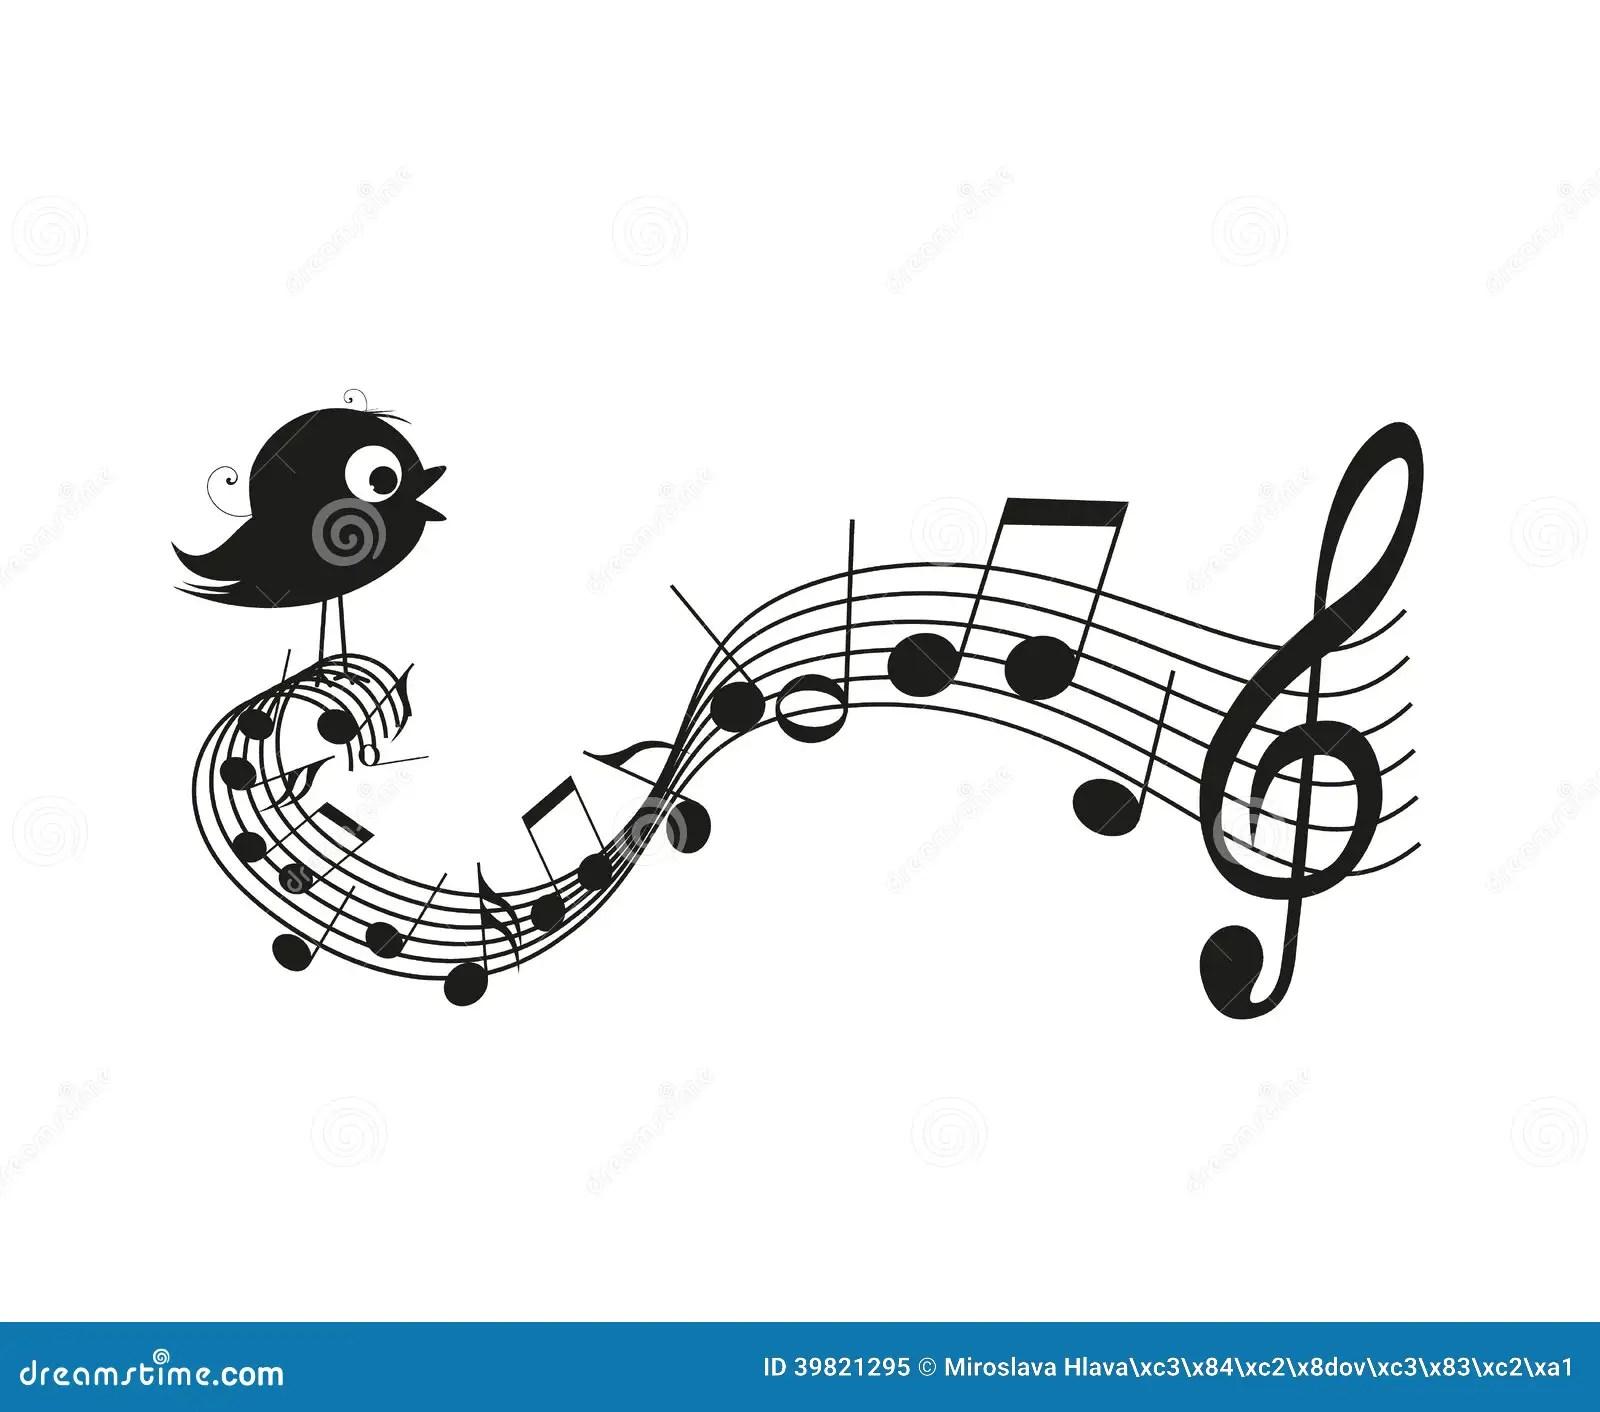 Singing bird stock vector. Illustration of animal, elegant